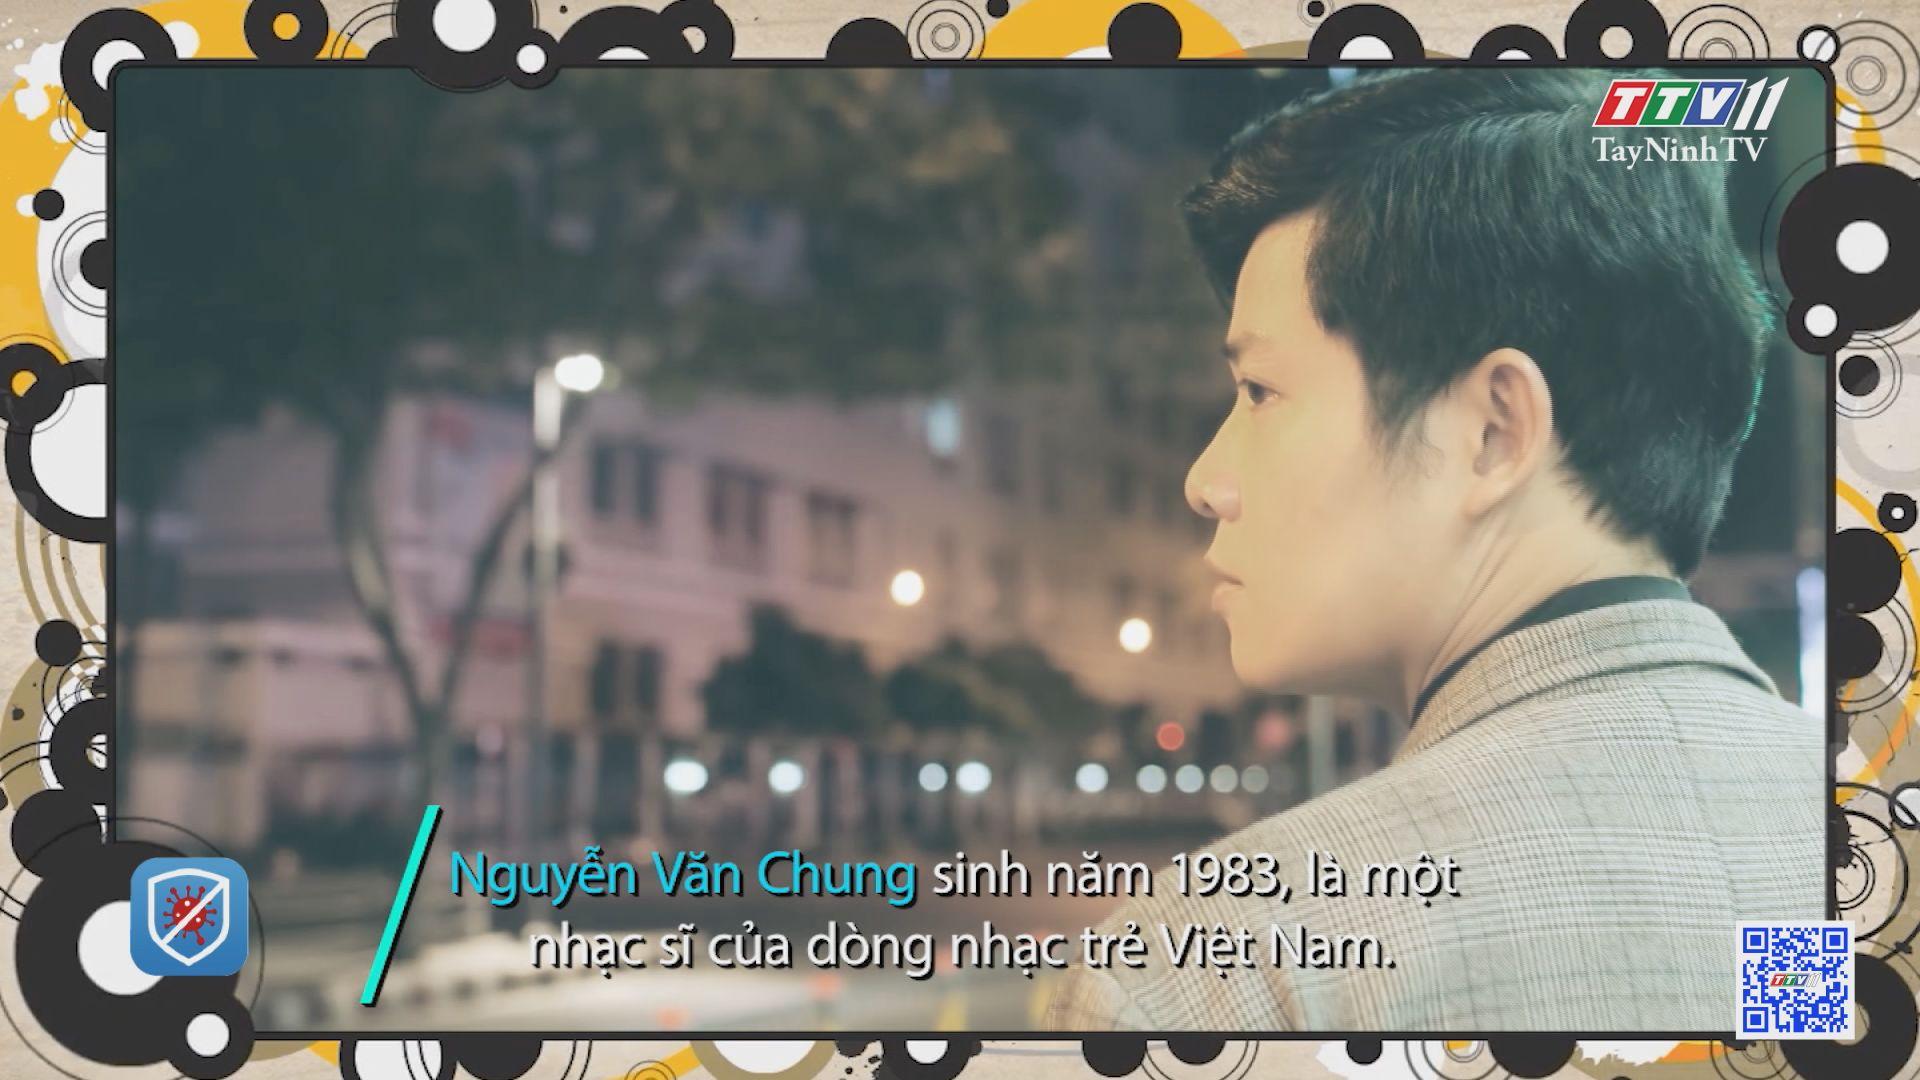 Tập 5_Nhạc sĩ Nguyễn Văn Chung tiết lộ lần đầu ly hôn | HẠNH PHÚC Ở ĐÂU | TayNinhTV